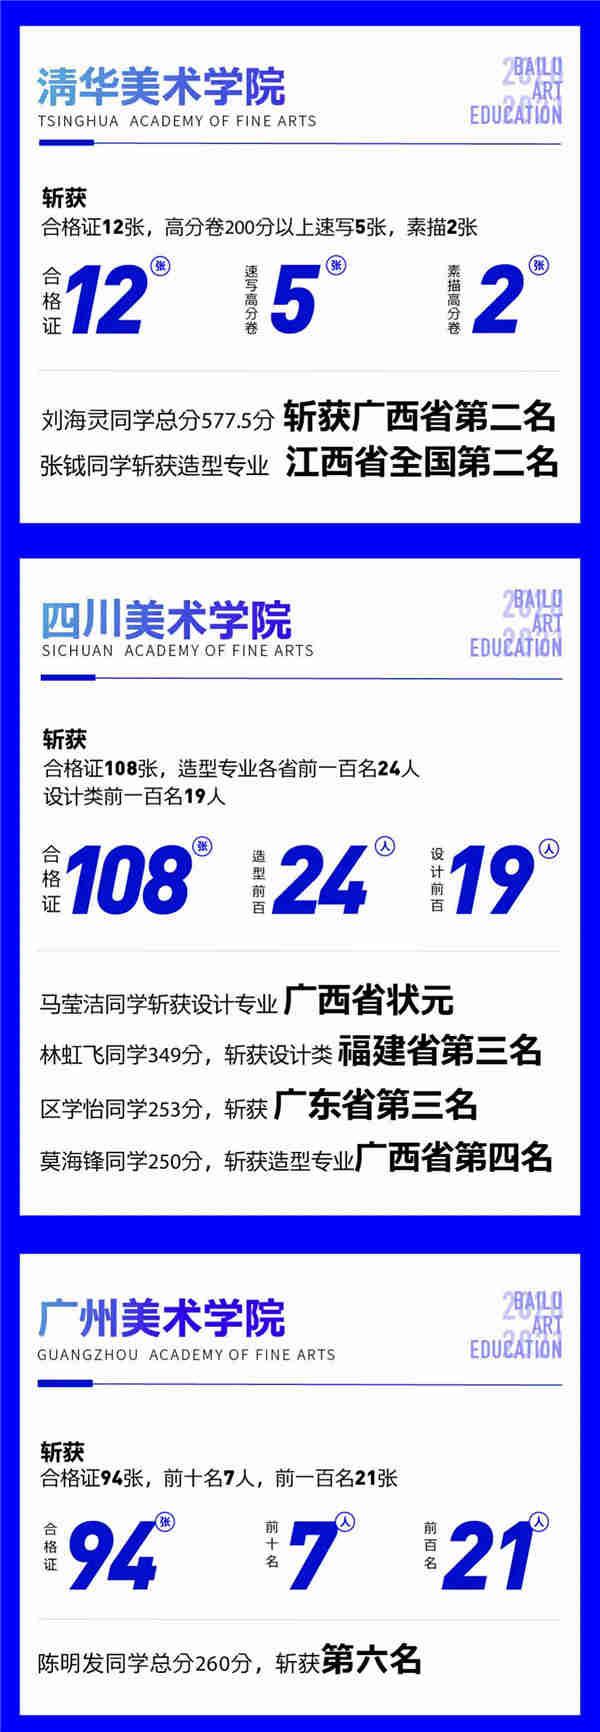 杭州画室,杭州画室招生,杭州美术画室,42